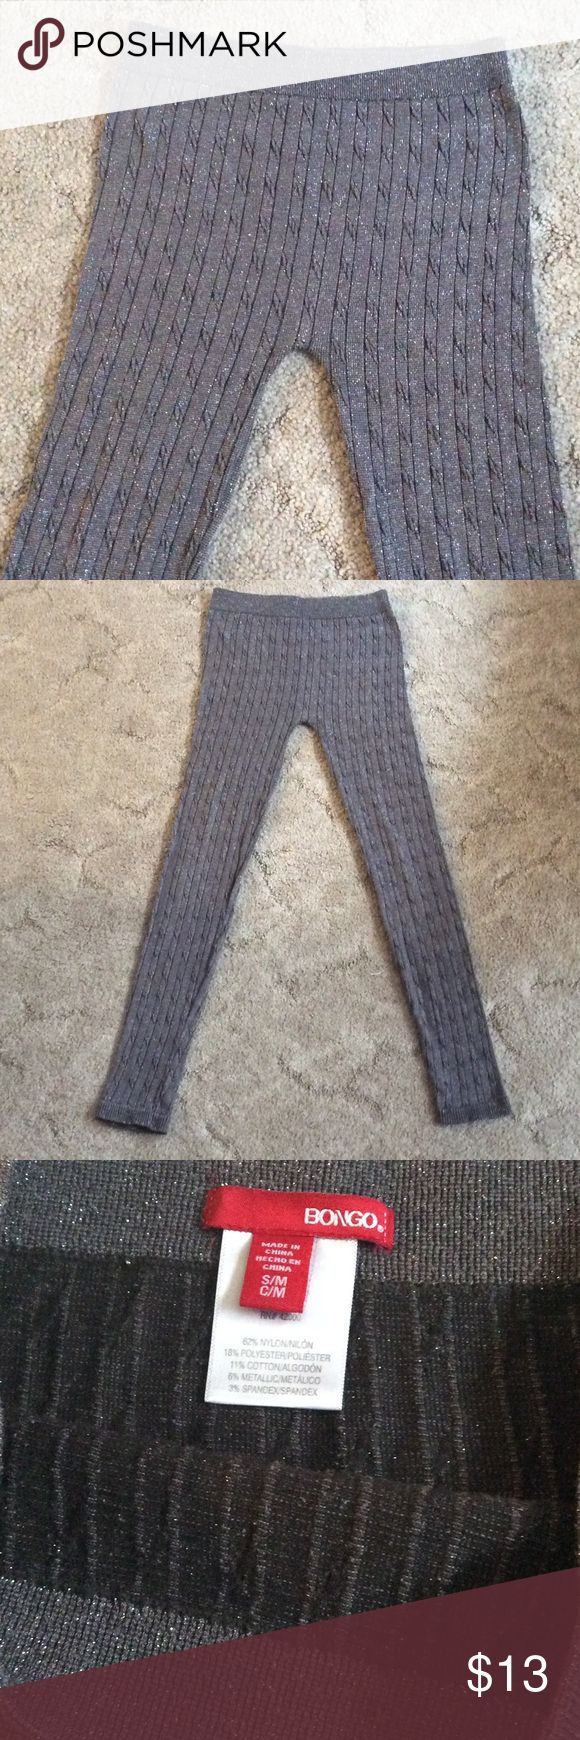 Girls thick sparkly leggings Girls gray sparkly thick ribbed leggings. Elastic waist. Like new! BONGO Bottoms Leggings